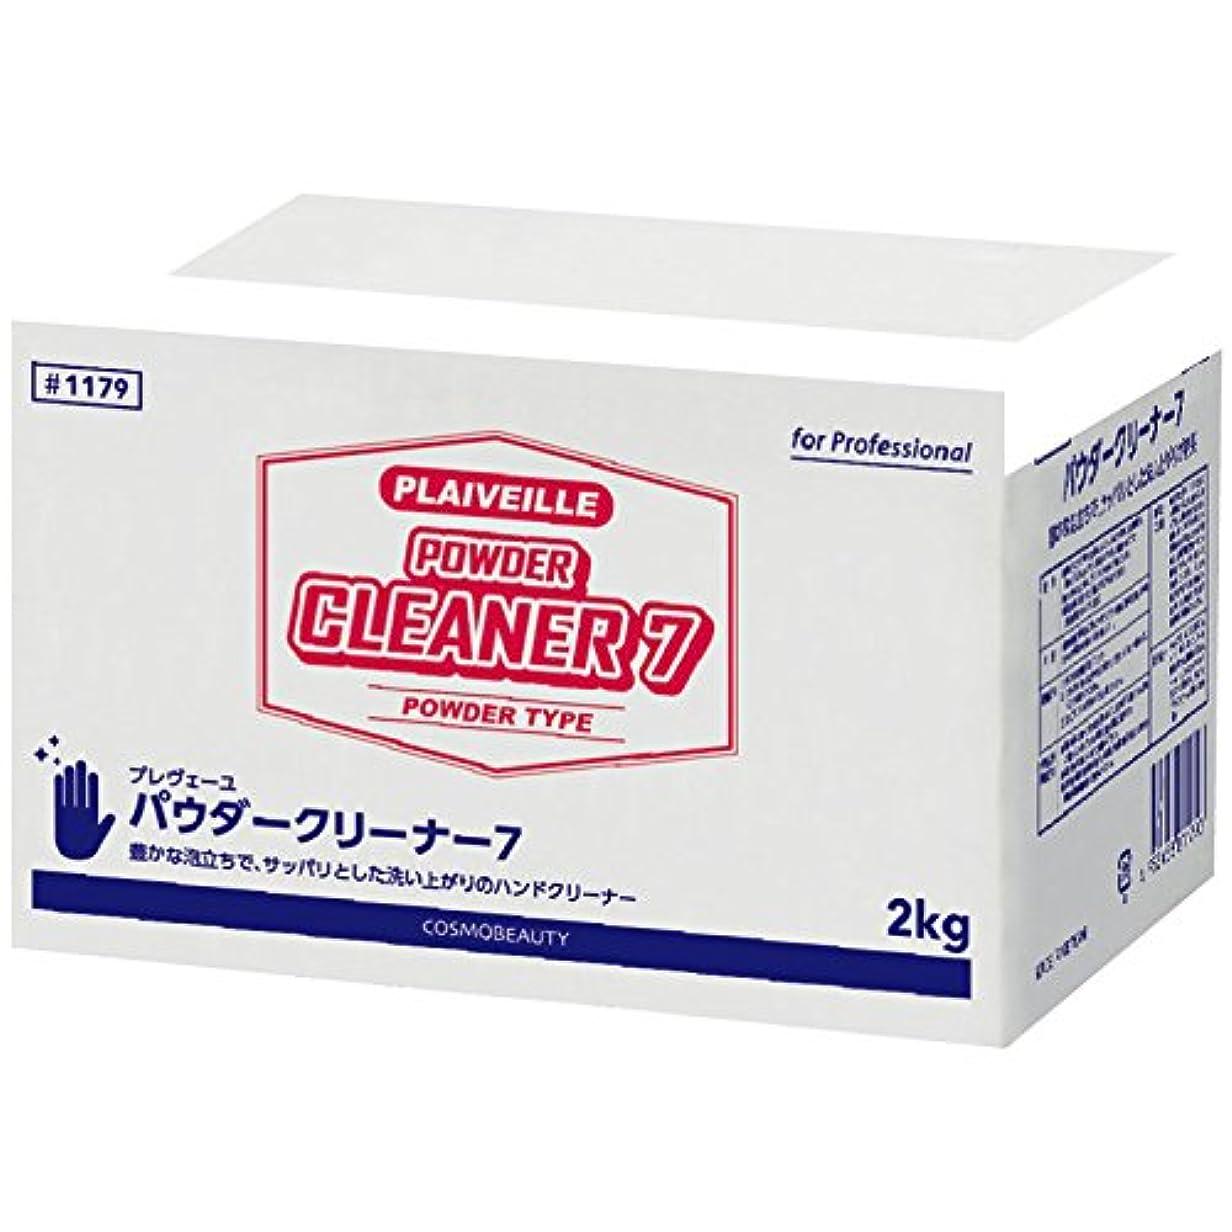 ゲージ夢中流暢コスモビューティー 業務用手洗い洗剤 パワークリーナーセブン( 旧名:クリンバーセブン) 2kg×4個 / 1179